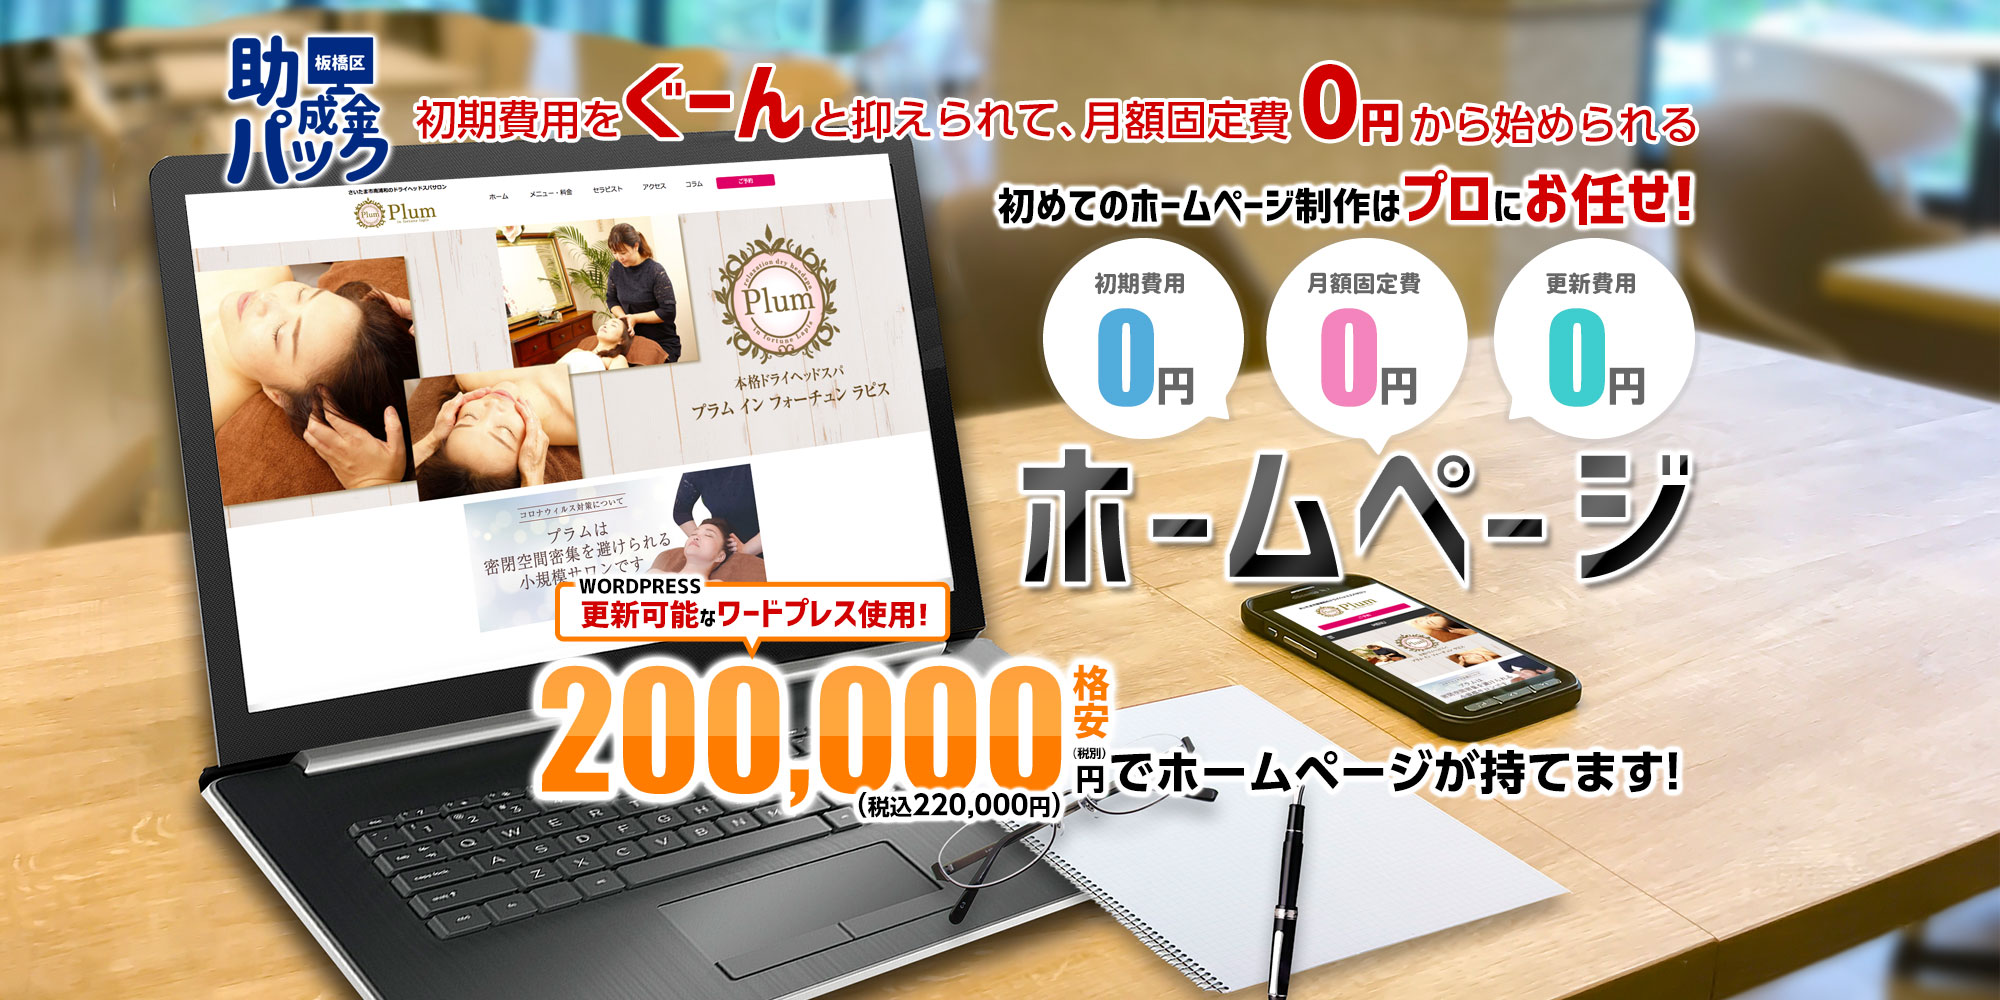 月額固定費0円からはじめられる、初期費用をぐーんと抑えられるホームページ初めてのホームページ作成はプロにお任せ! 格安128,000円でワードプレスのホームページが持てます!